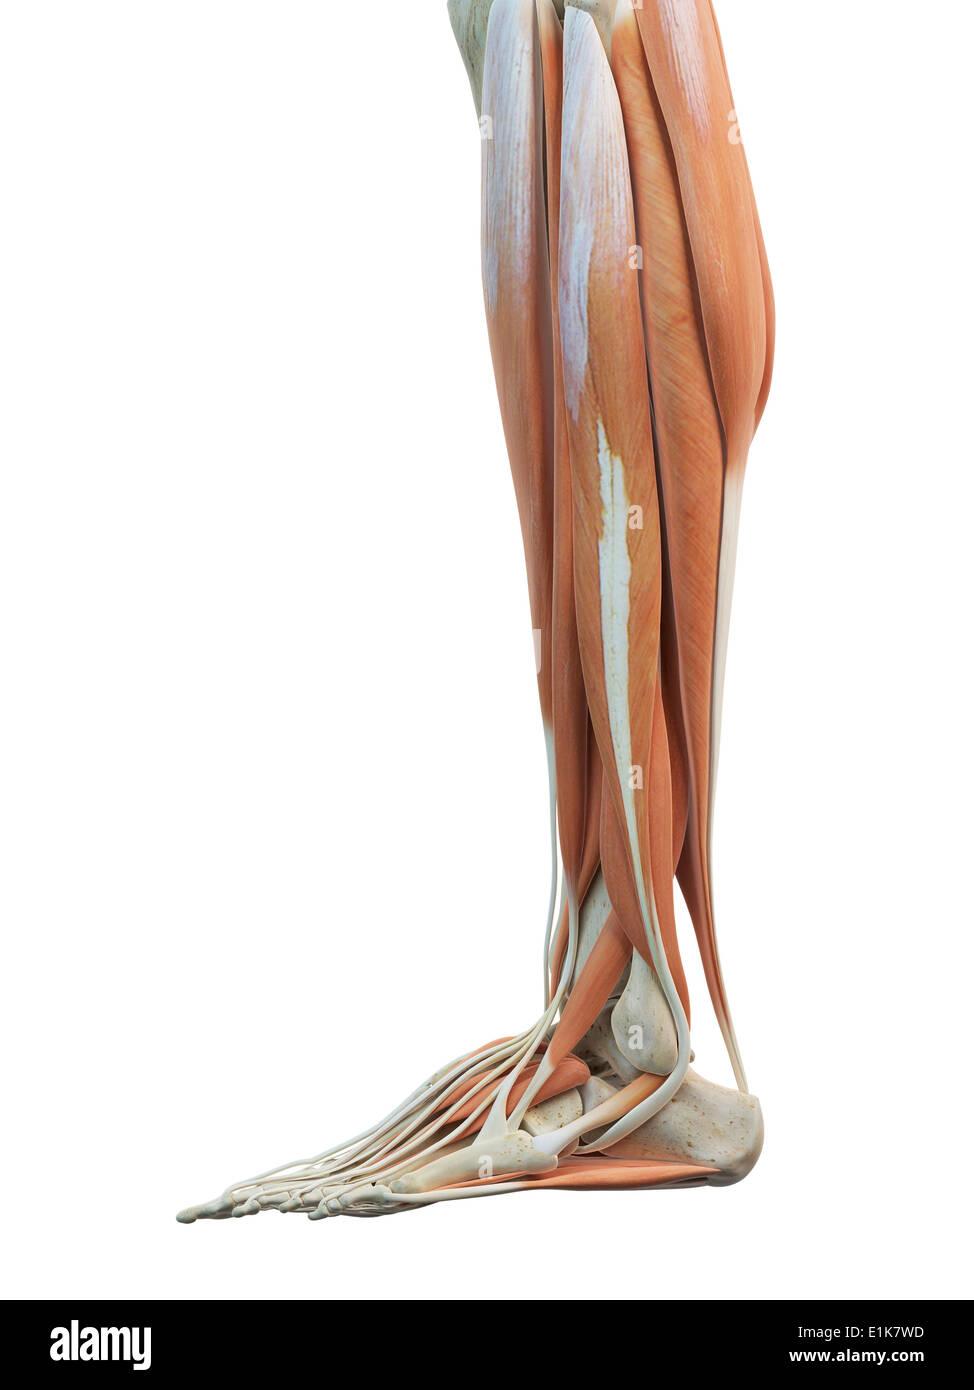 Erfreut Menschliche Beine Anatomie Zeitgenössisch - Anatomie Ideen ...